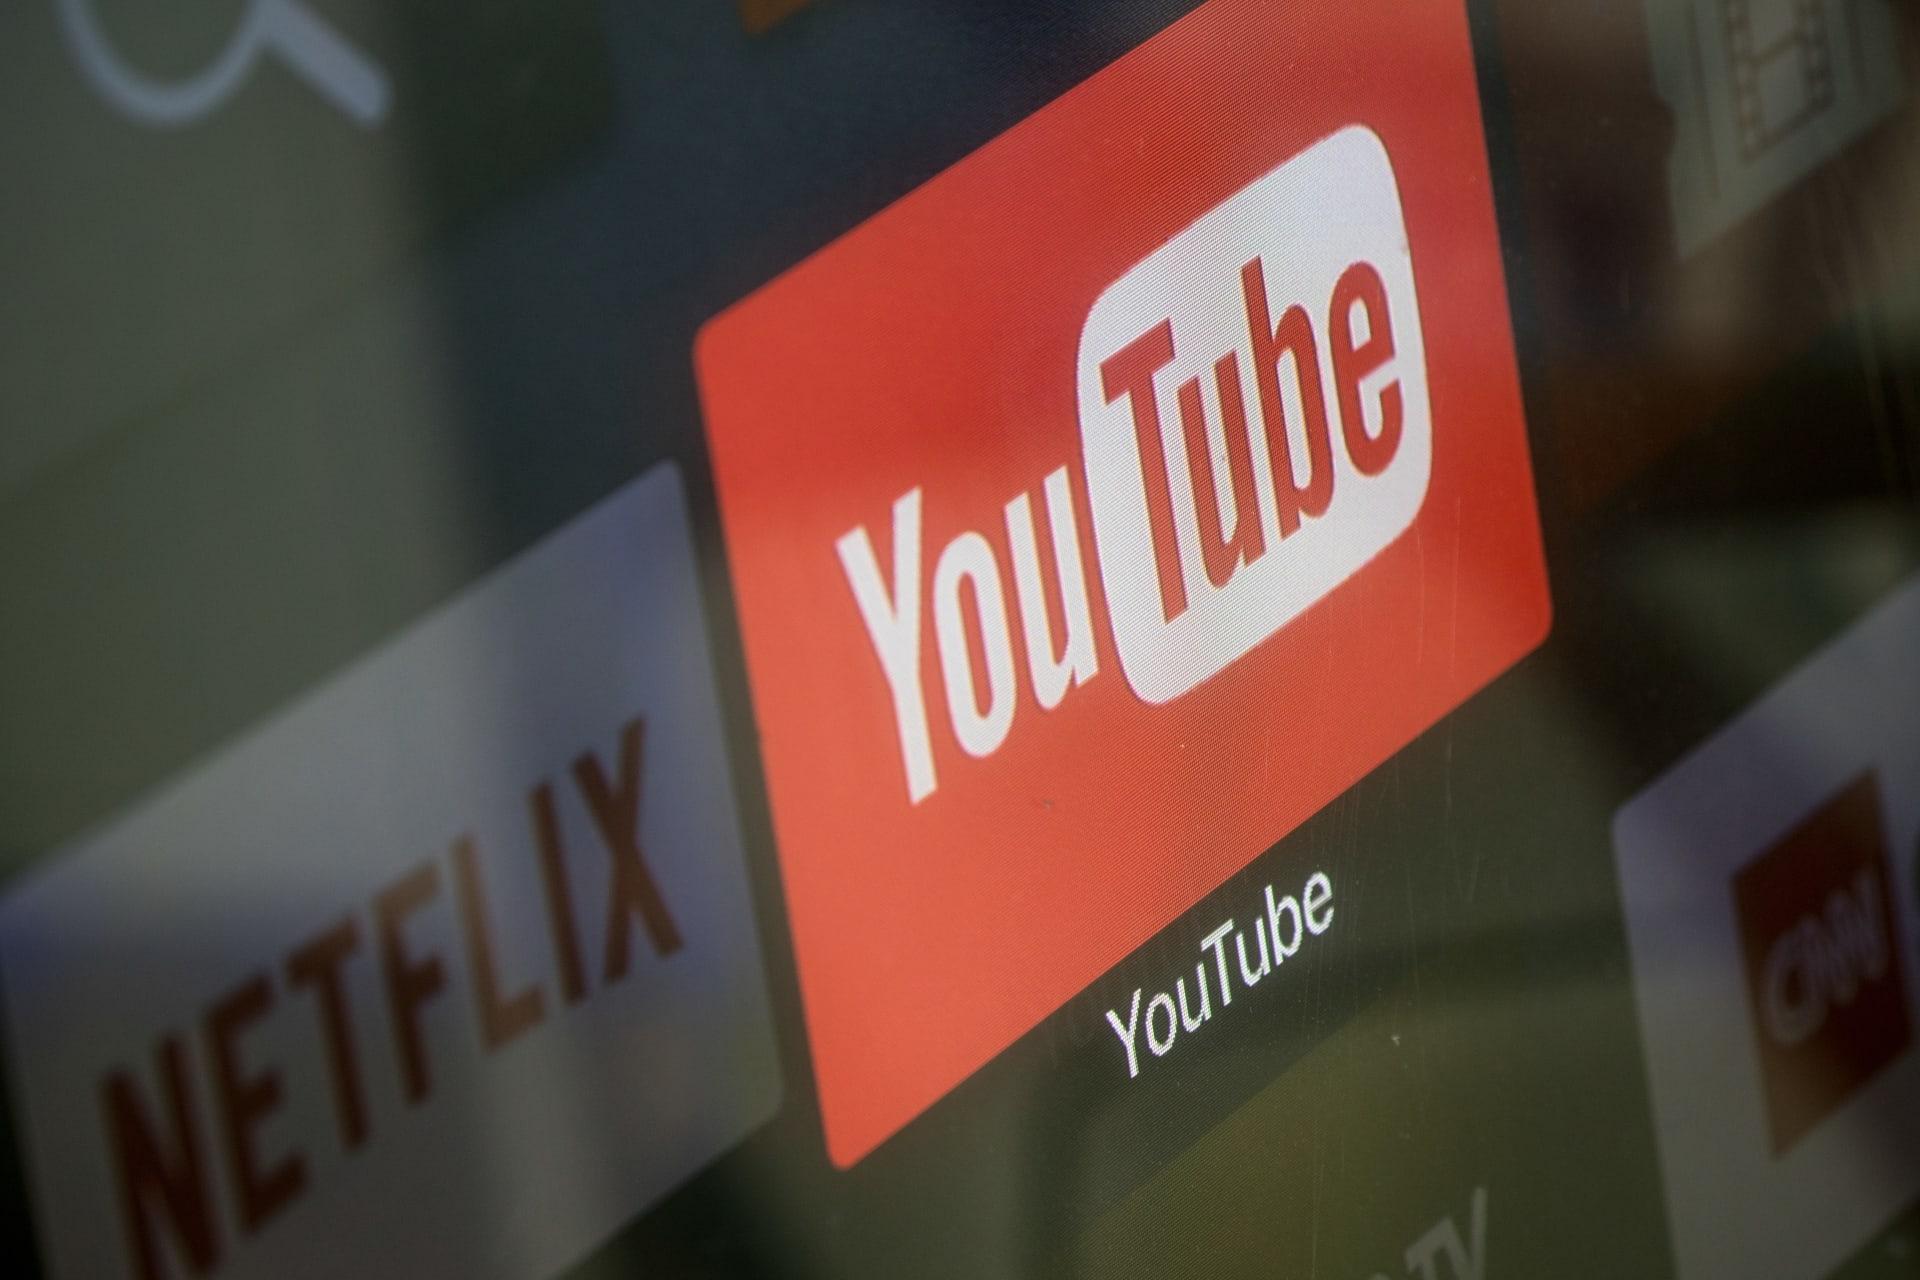 غوغل تُنهي قنوات في يوتيوب مُرتبطة حملة مُوجهة للحكومة الإيرانية ضد أمريكا والسعودية